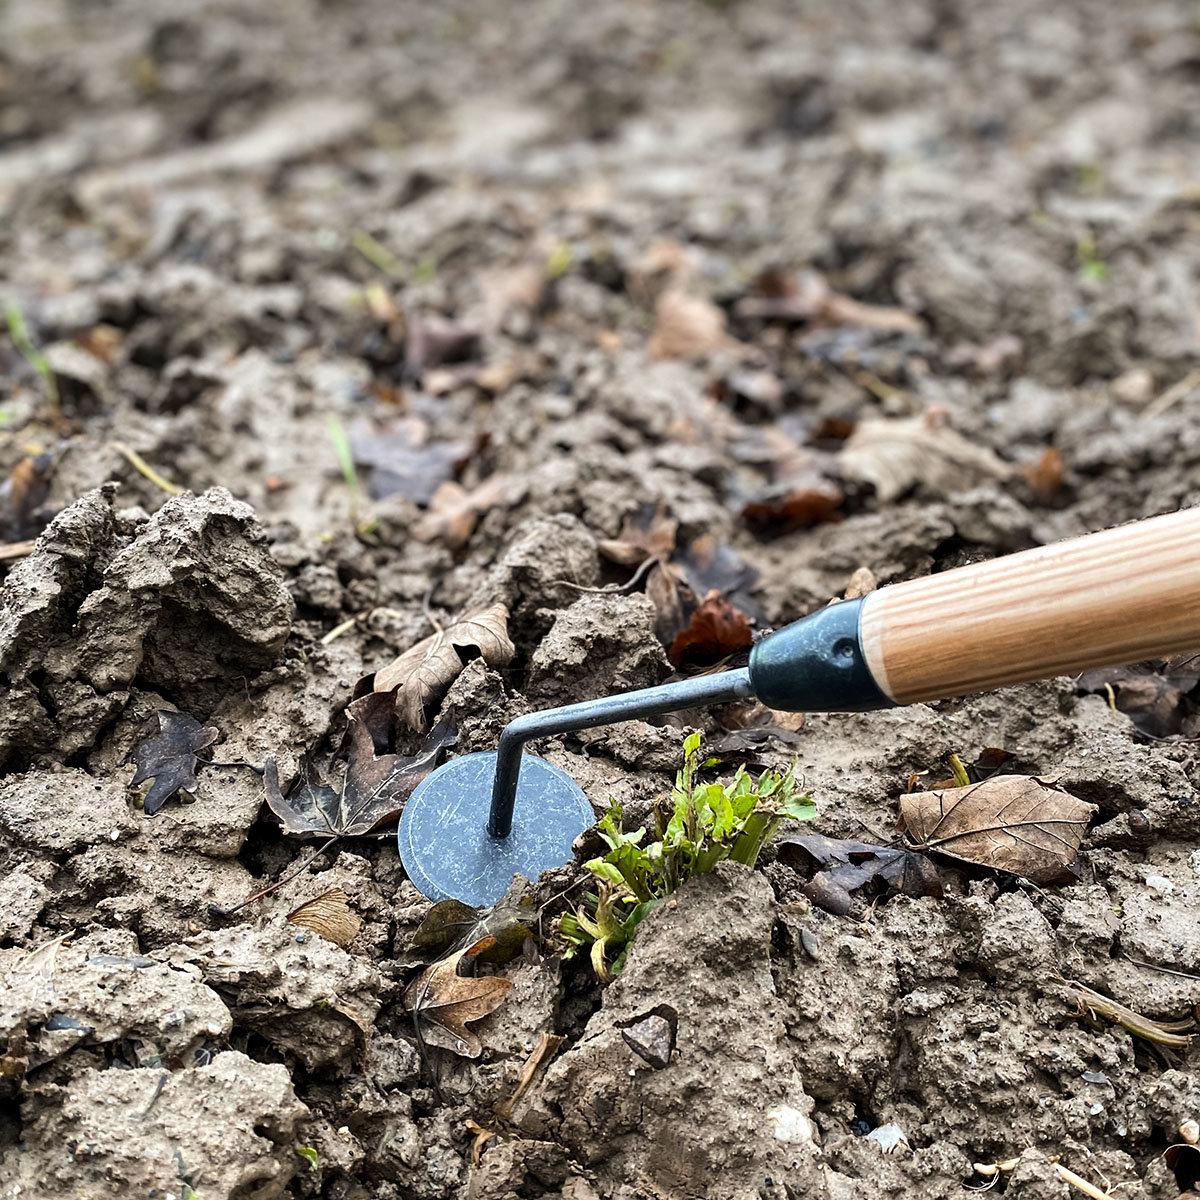 Gartendisk Unkrautmesser, 158 cm | #3